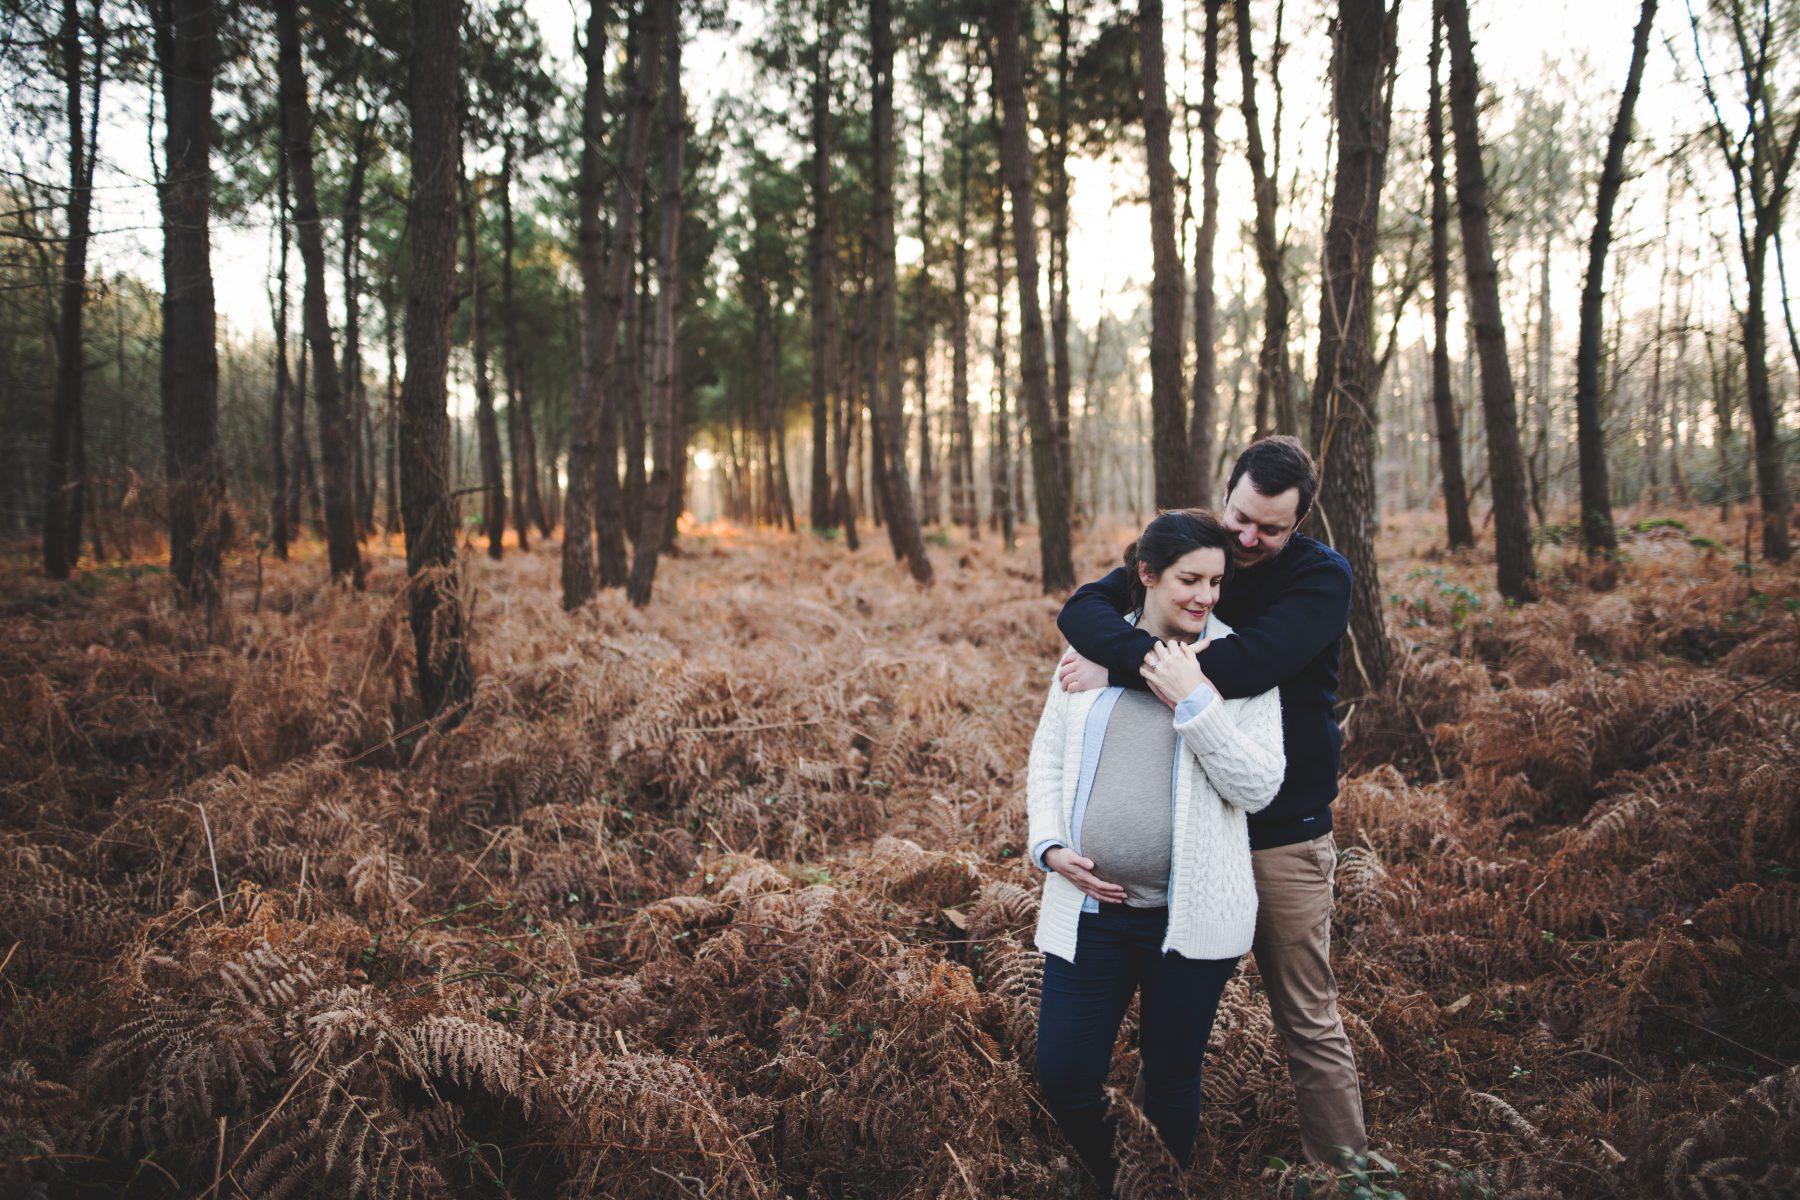 Séance engagement en Forêt - Marine et Adrien